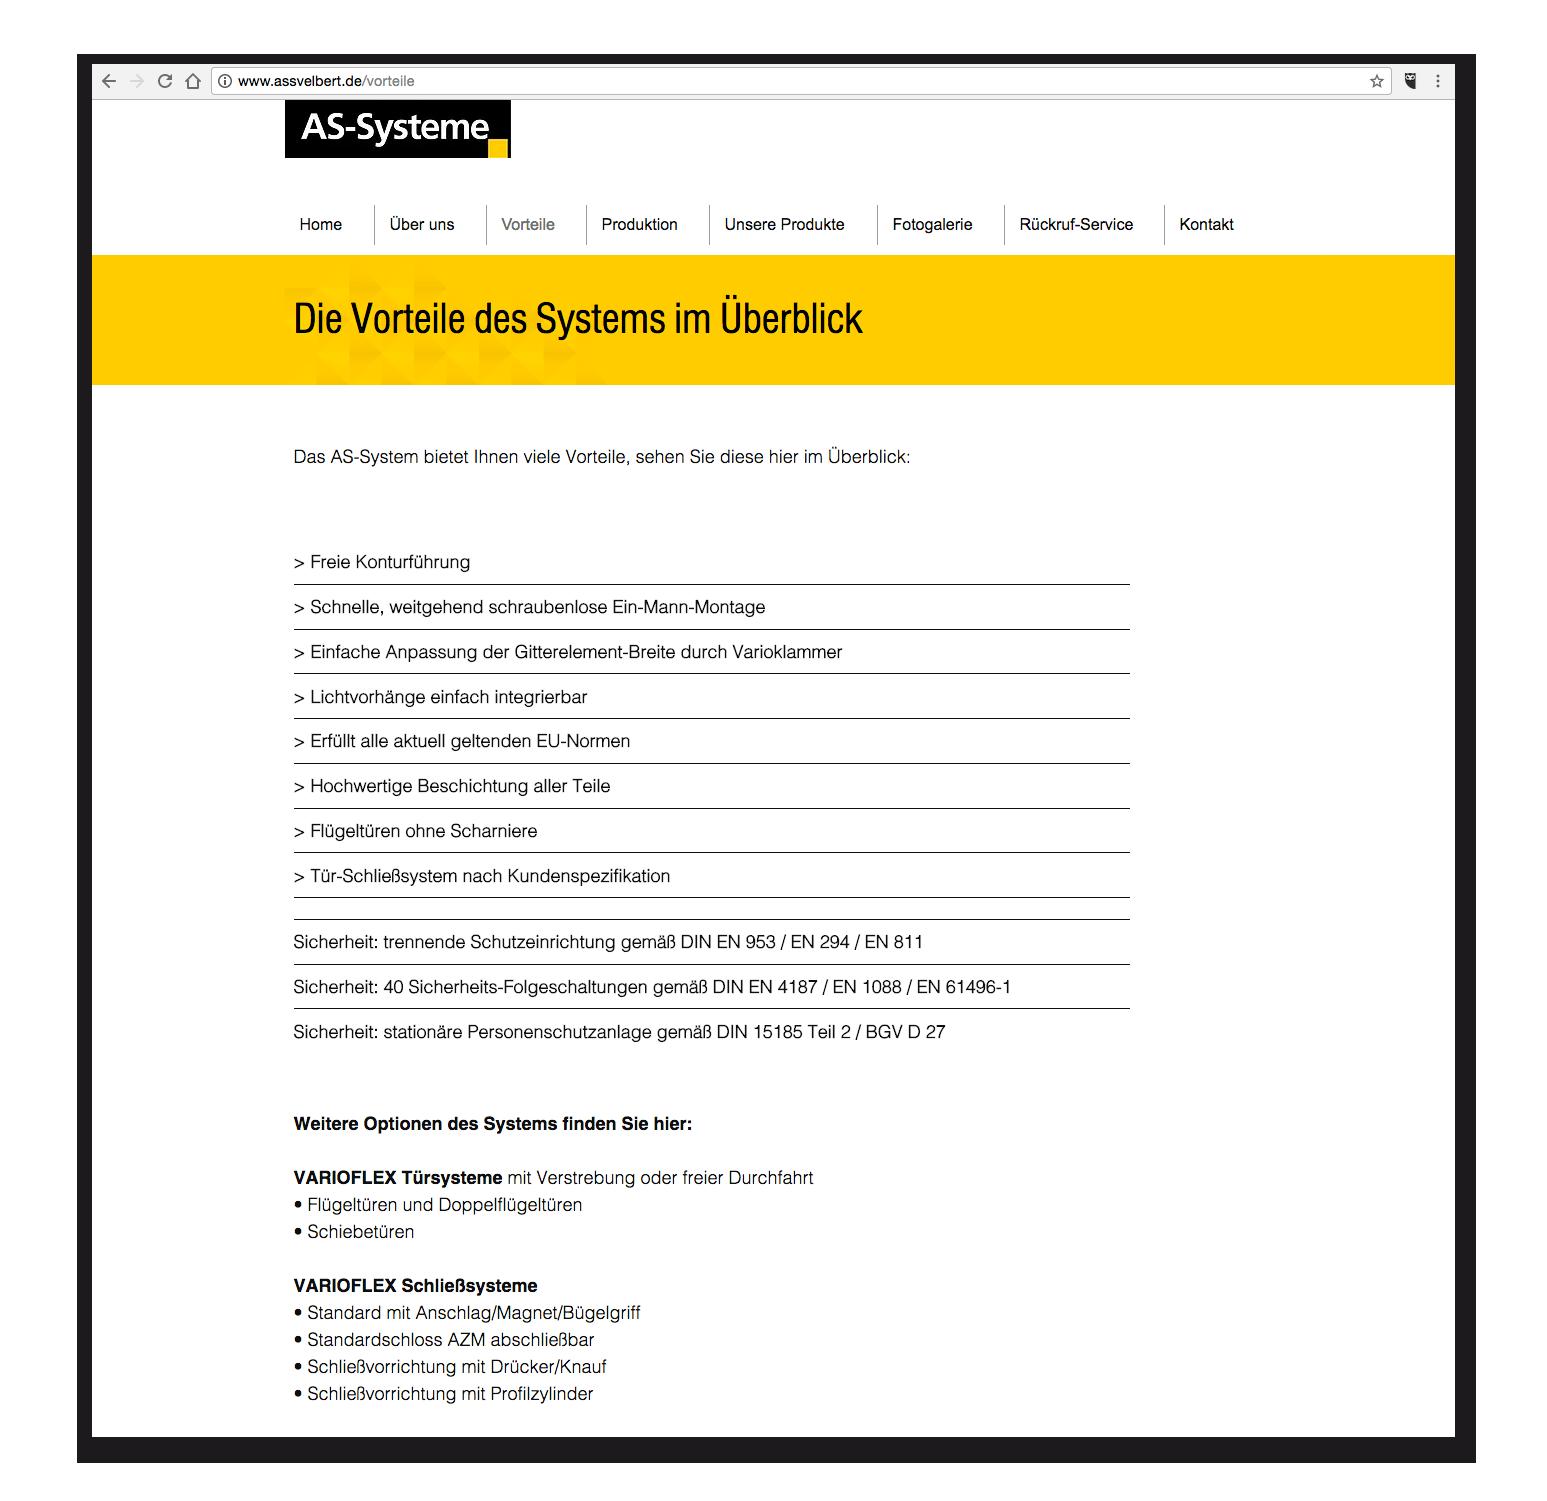 AS-Systeme - Vorteile